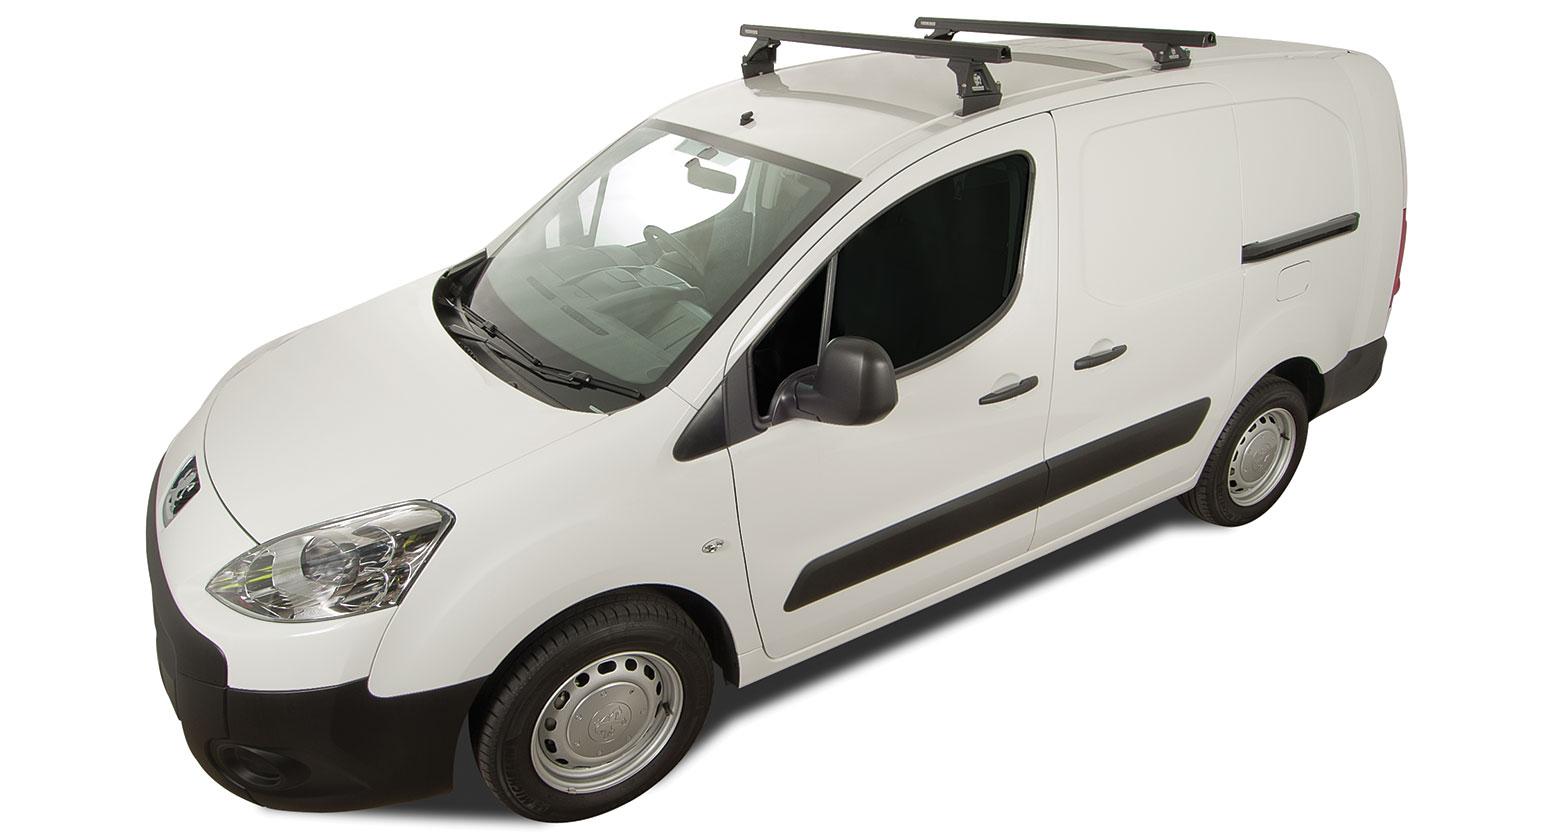 Peugeot partner roof rack